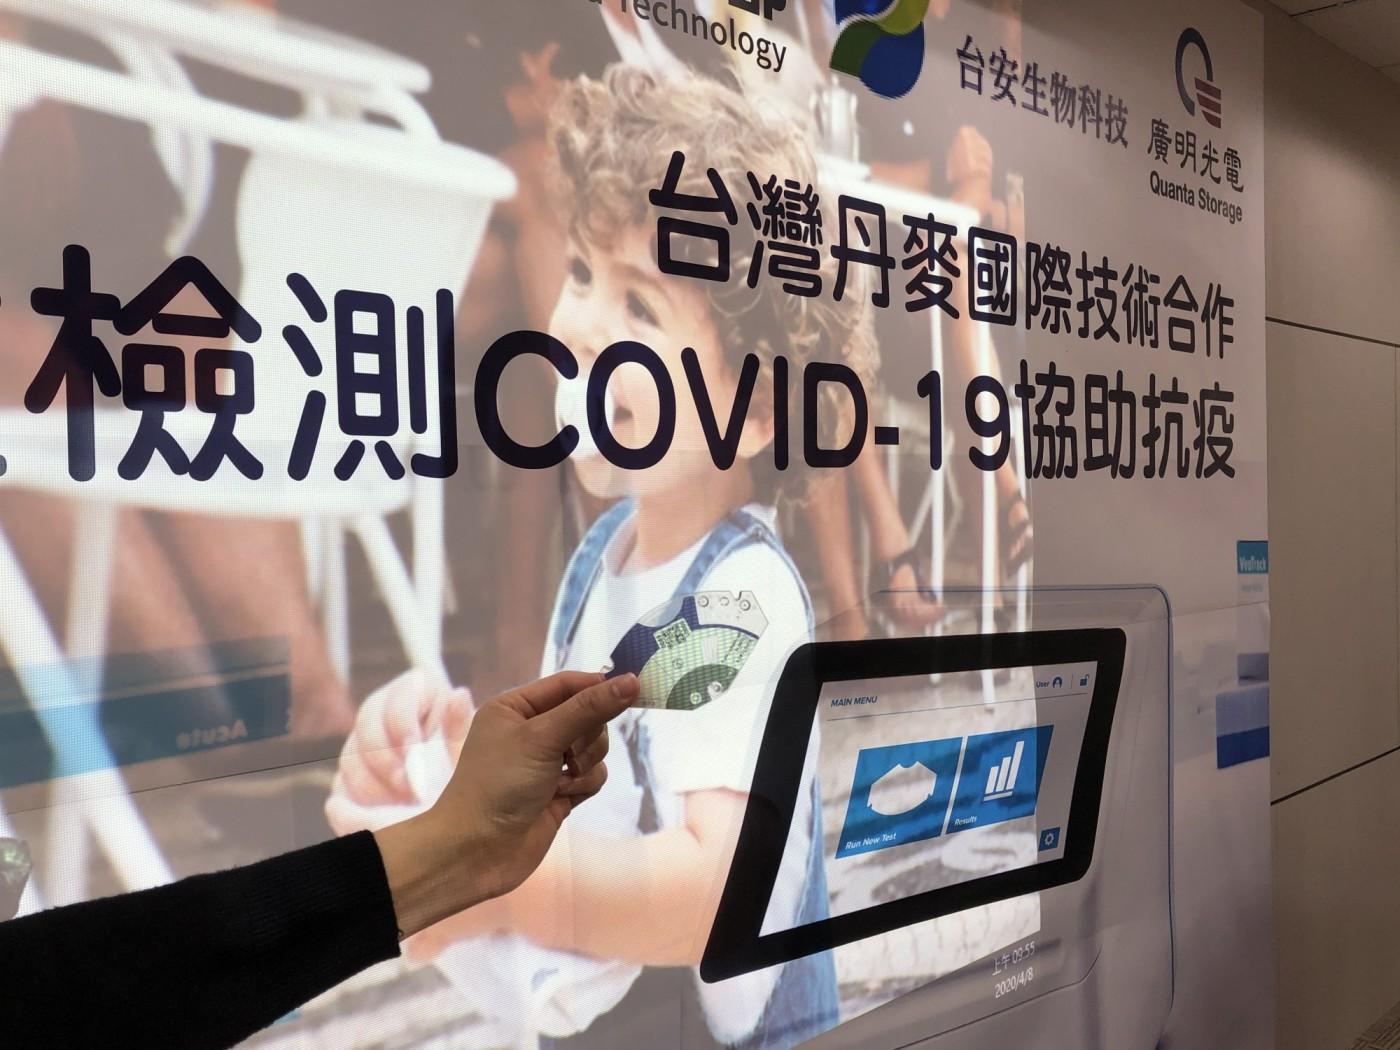 1滴血12分鐘驗出武漢肺炎,台灣、丹麥開發準確率9成的血清檢測設備